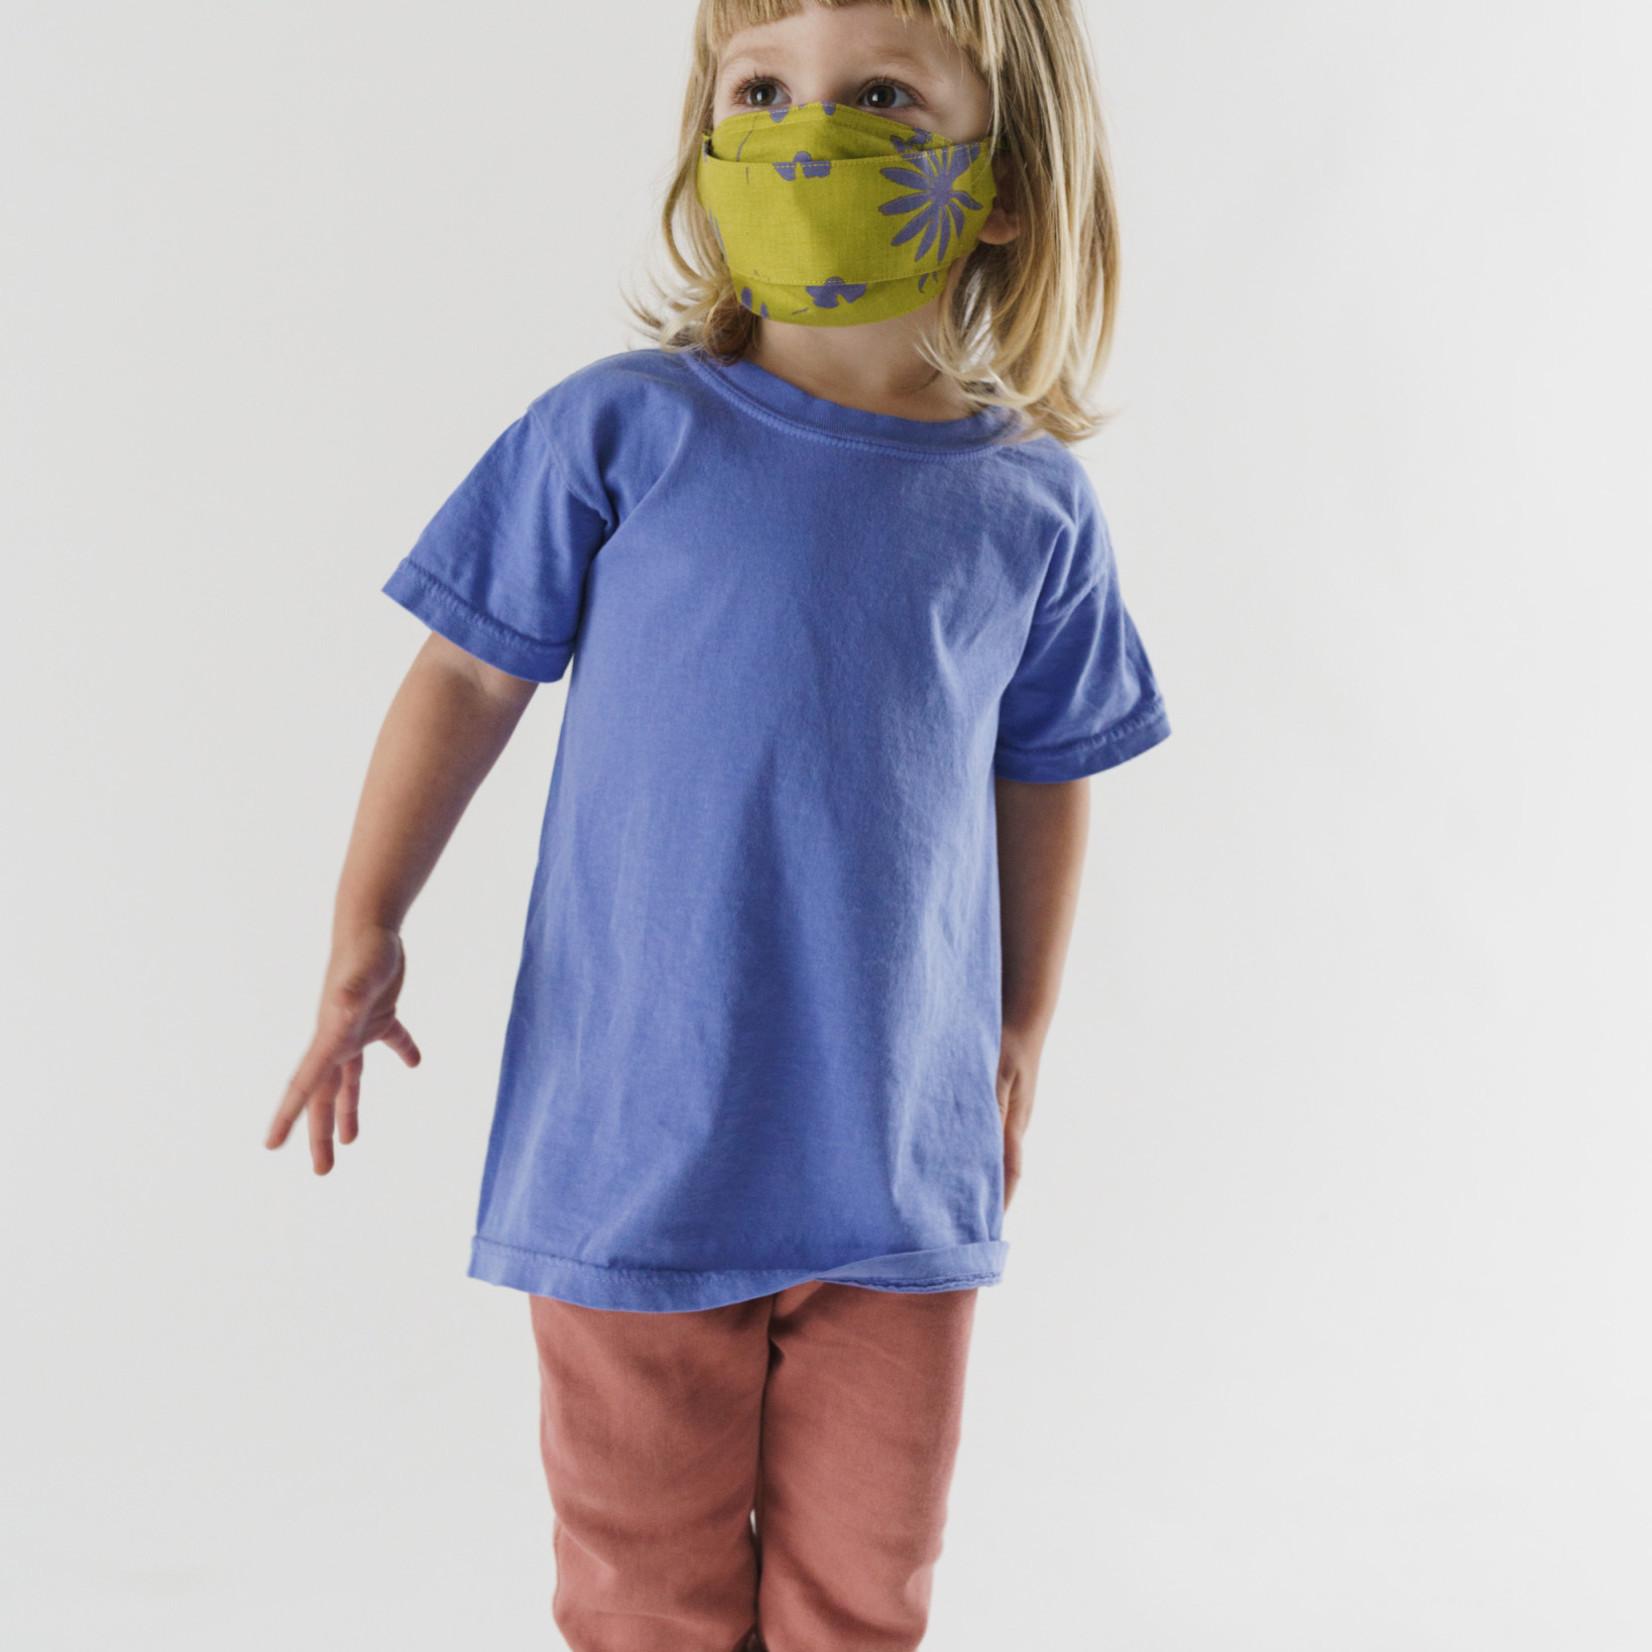 Baggu Baggu Kids' Fabric Mask Set of 3 - Loop Floral Sun Prints